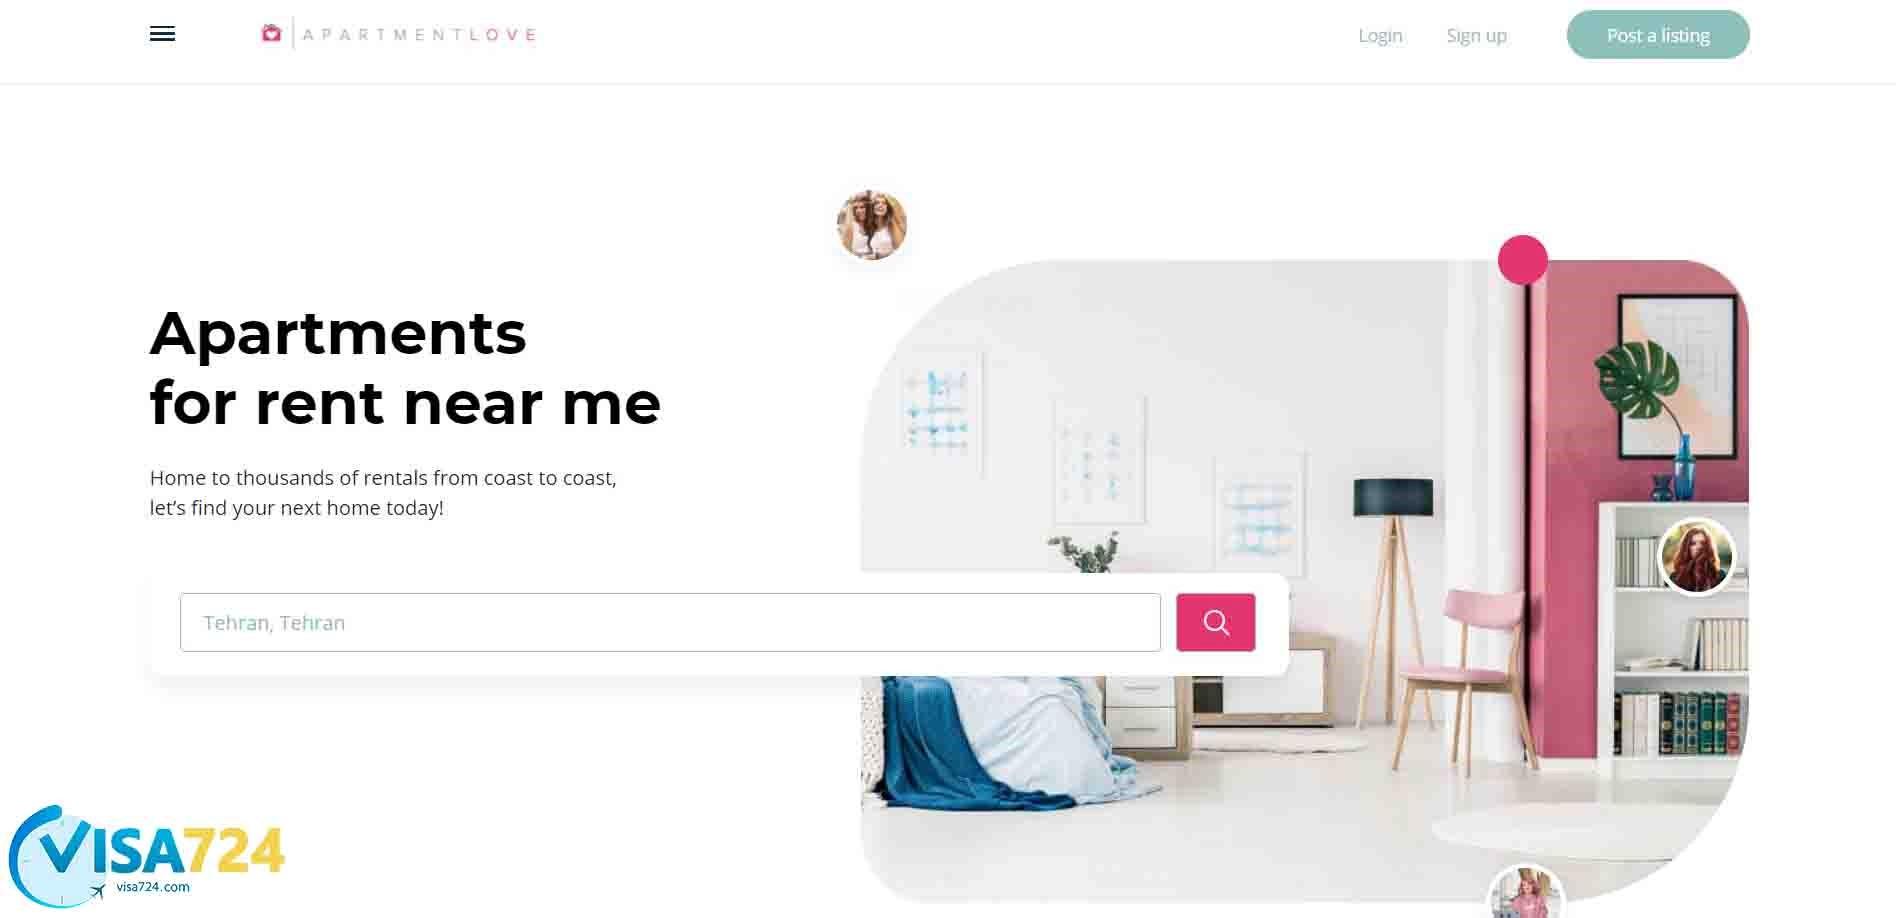 Apartmentscanada.com